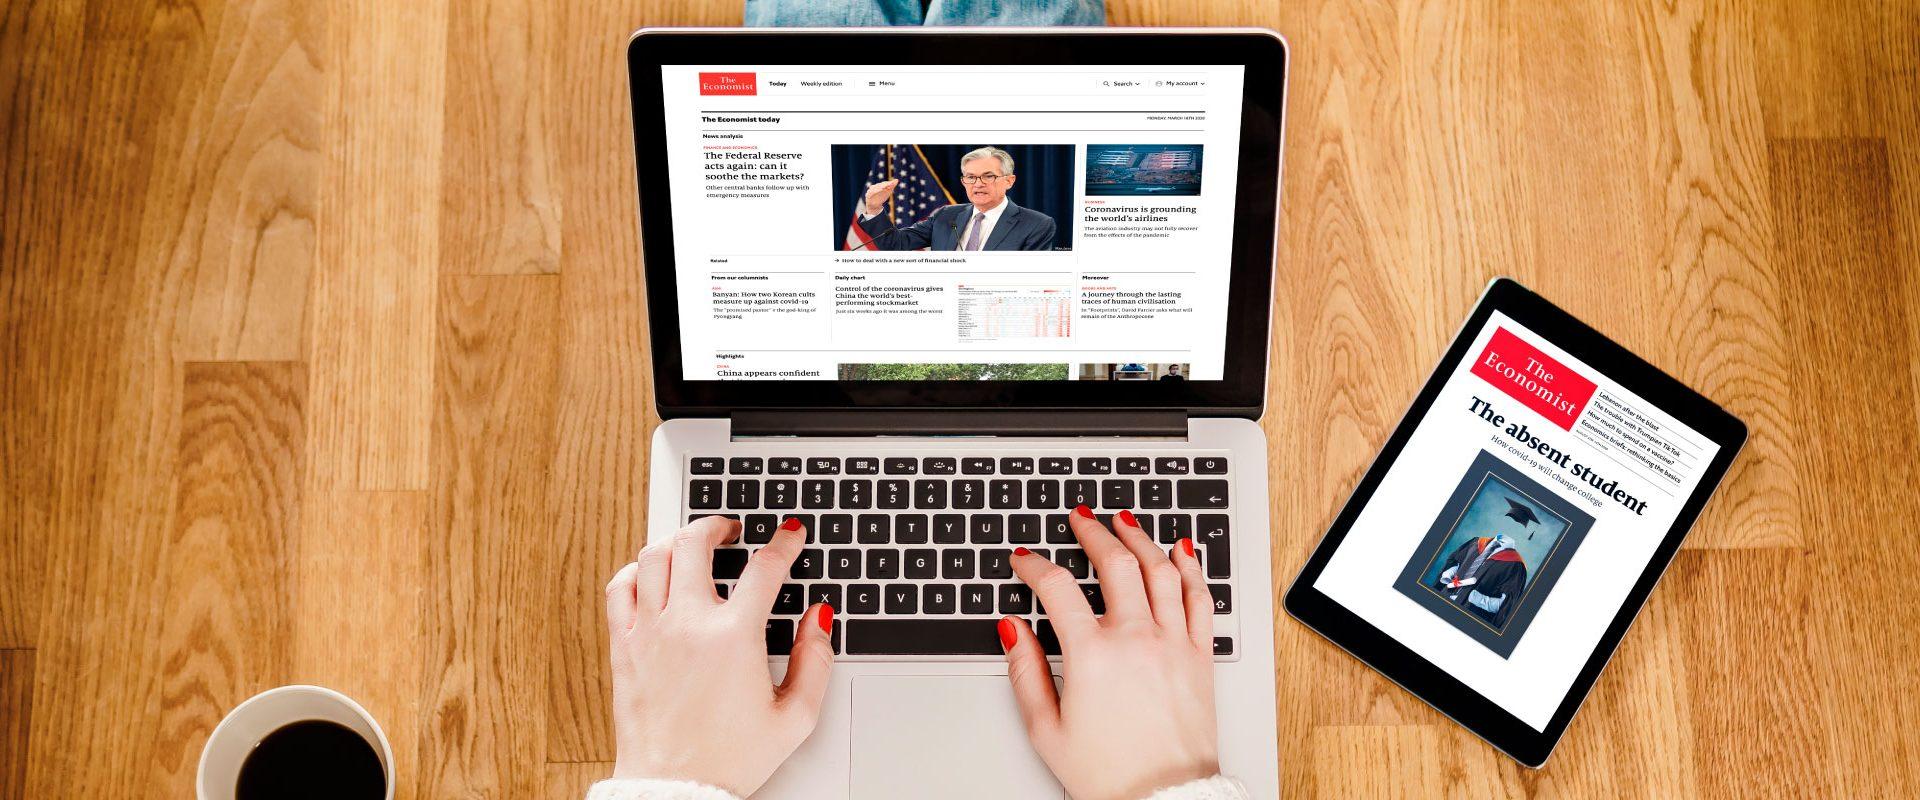 The economist ISIC Oferta suscripcion BLOG